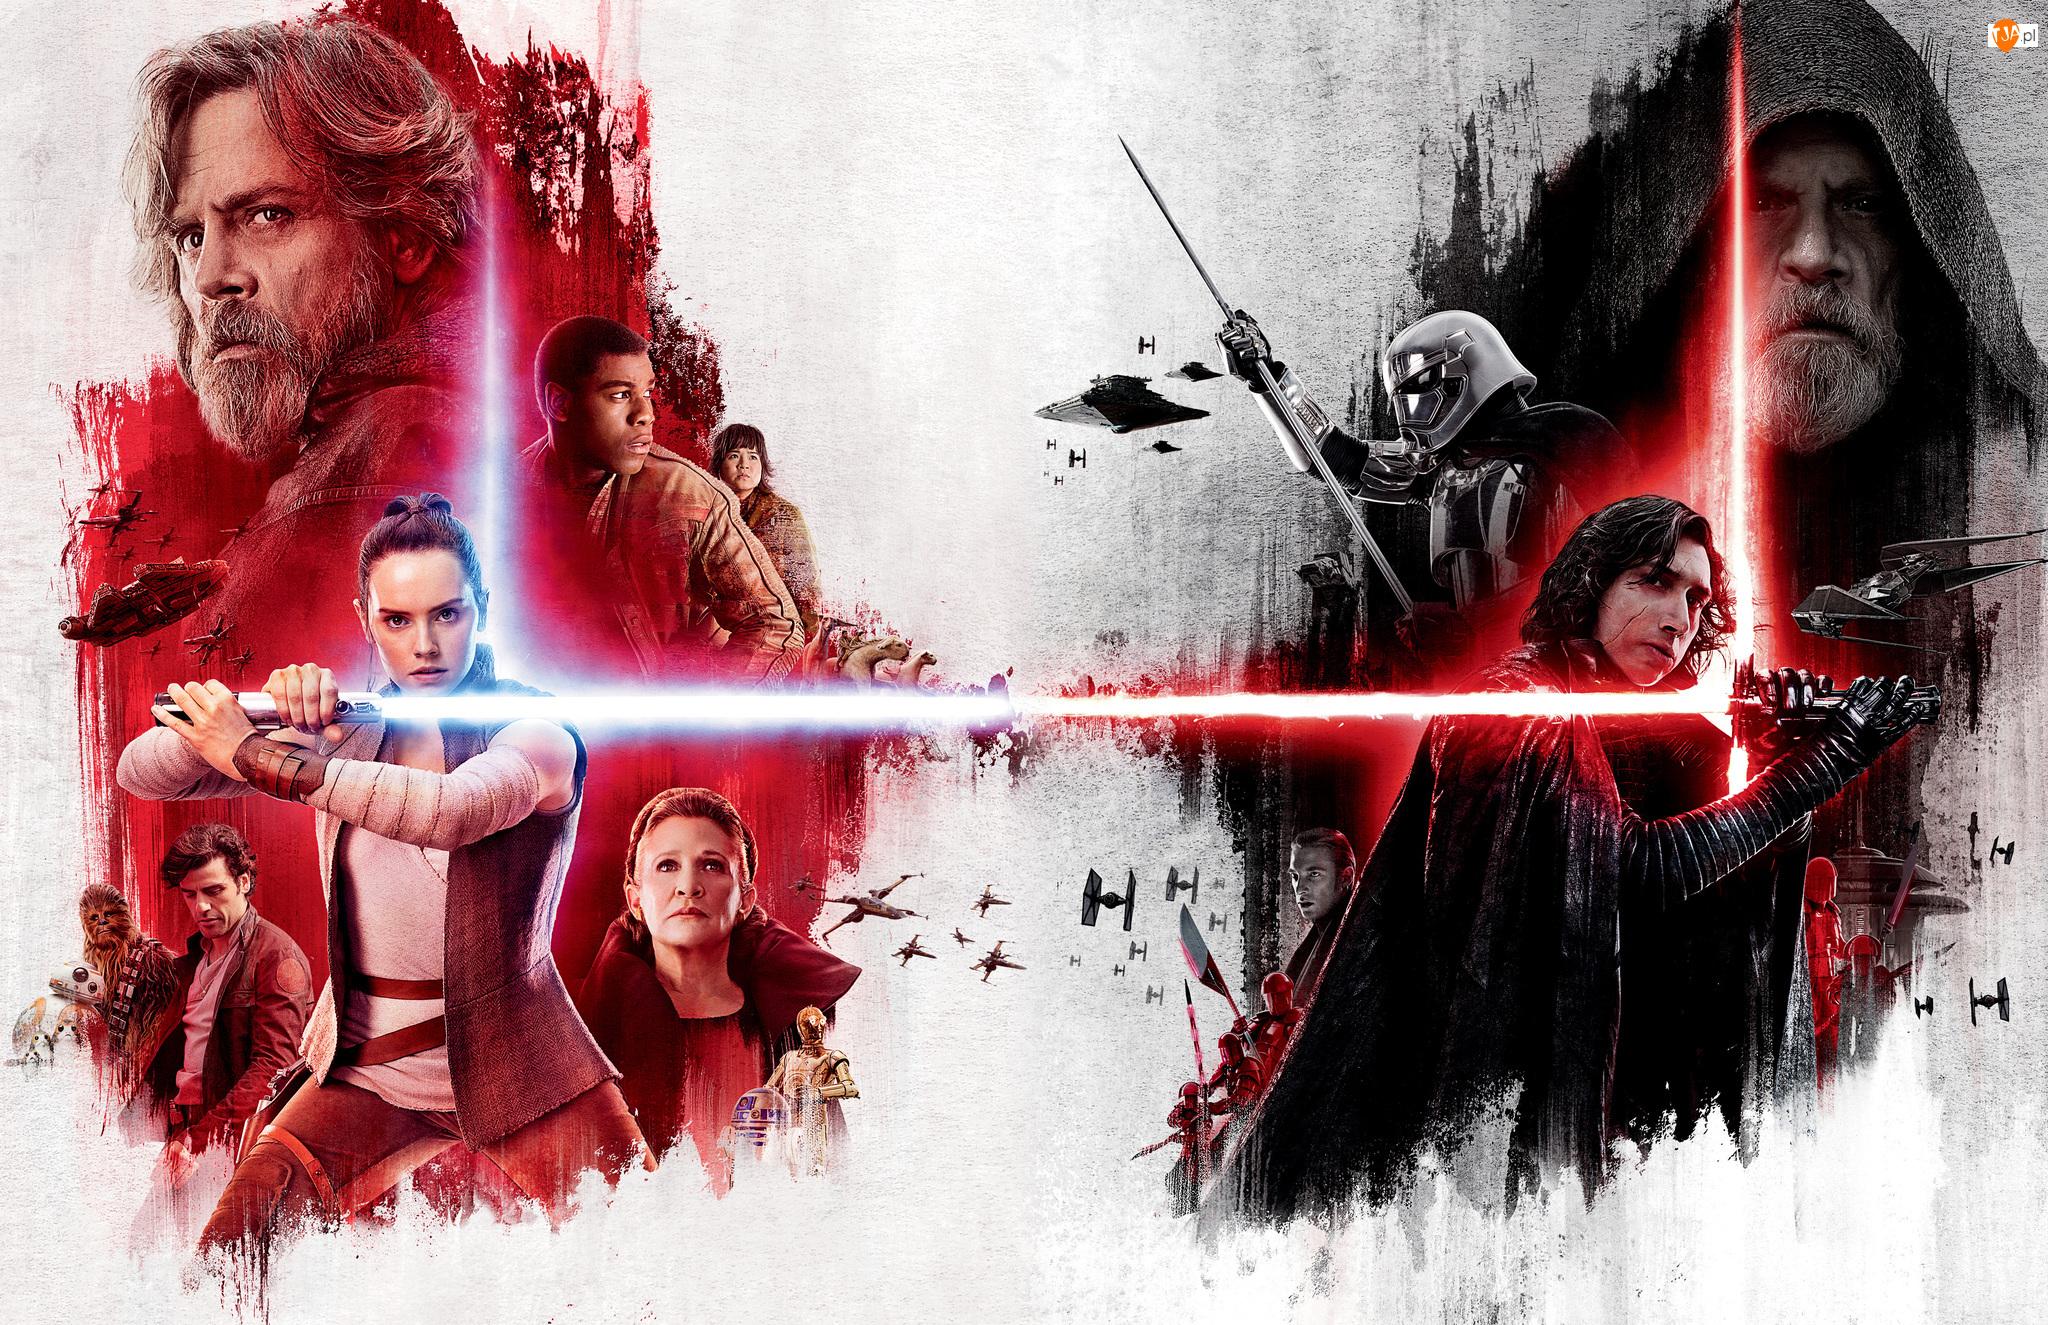 Gwiezdne wojny ostatni Jedi, Star Wars The Last Jedi, Grafika, Film, Świetlne, Miecze, Bohaterowie